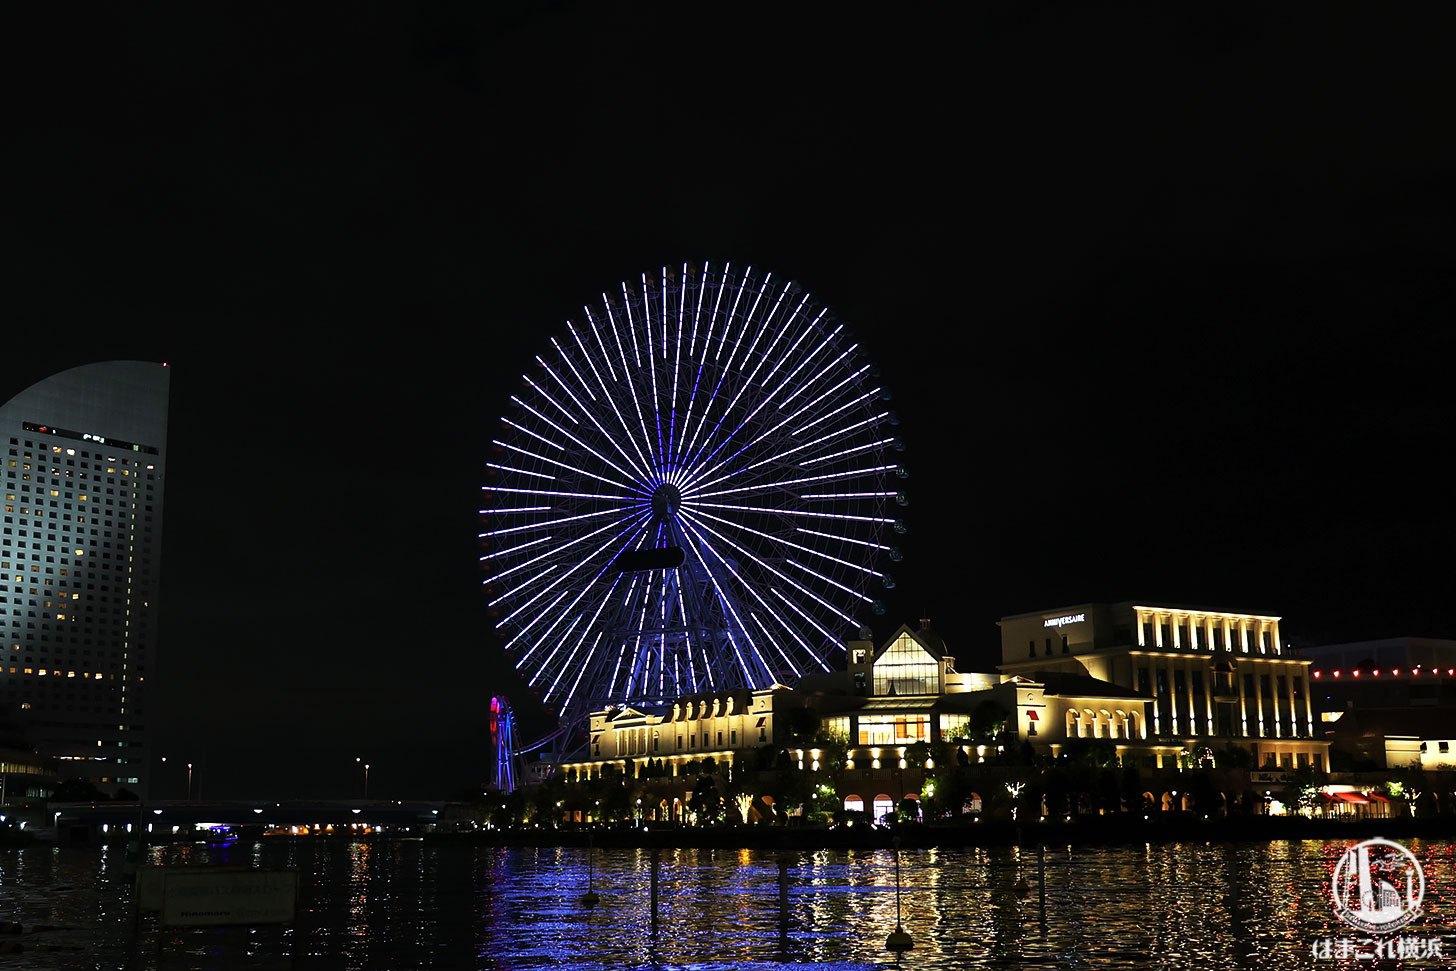 横浜の大観覧車「コスモクロック21」オリンピック特別ライトアップ!動くピクトグラム次々と